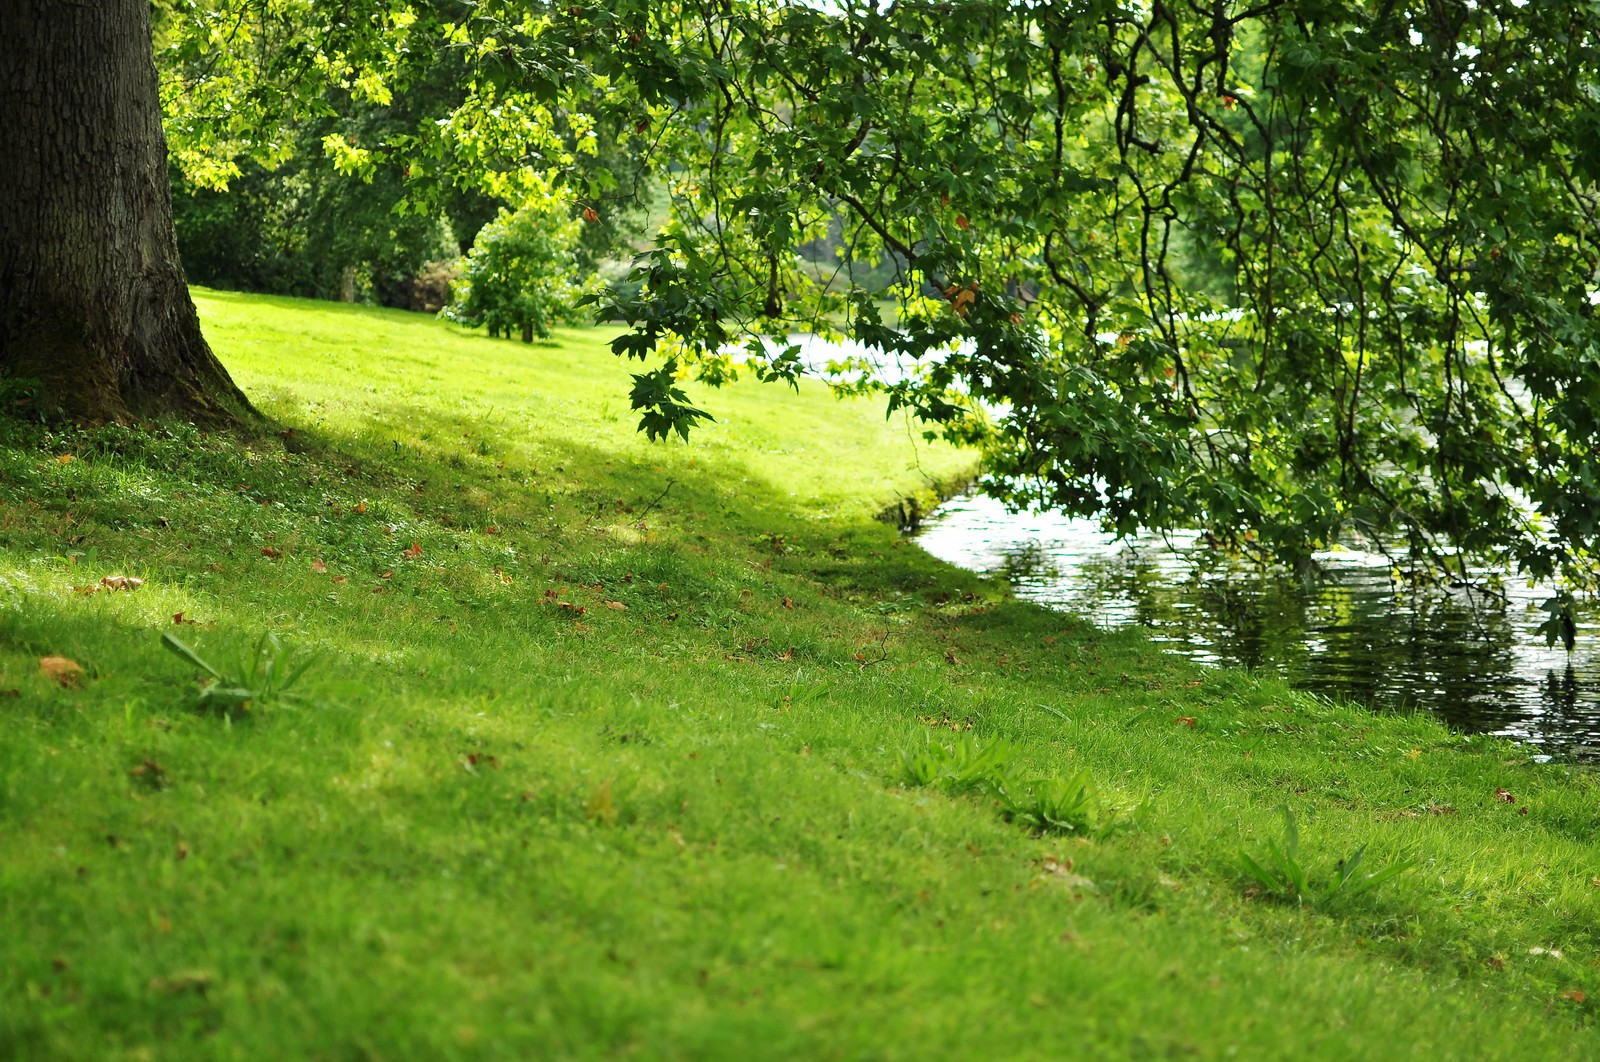 「ストアヘッドの湖のほとり」の写真